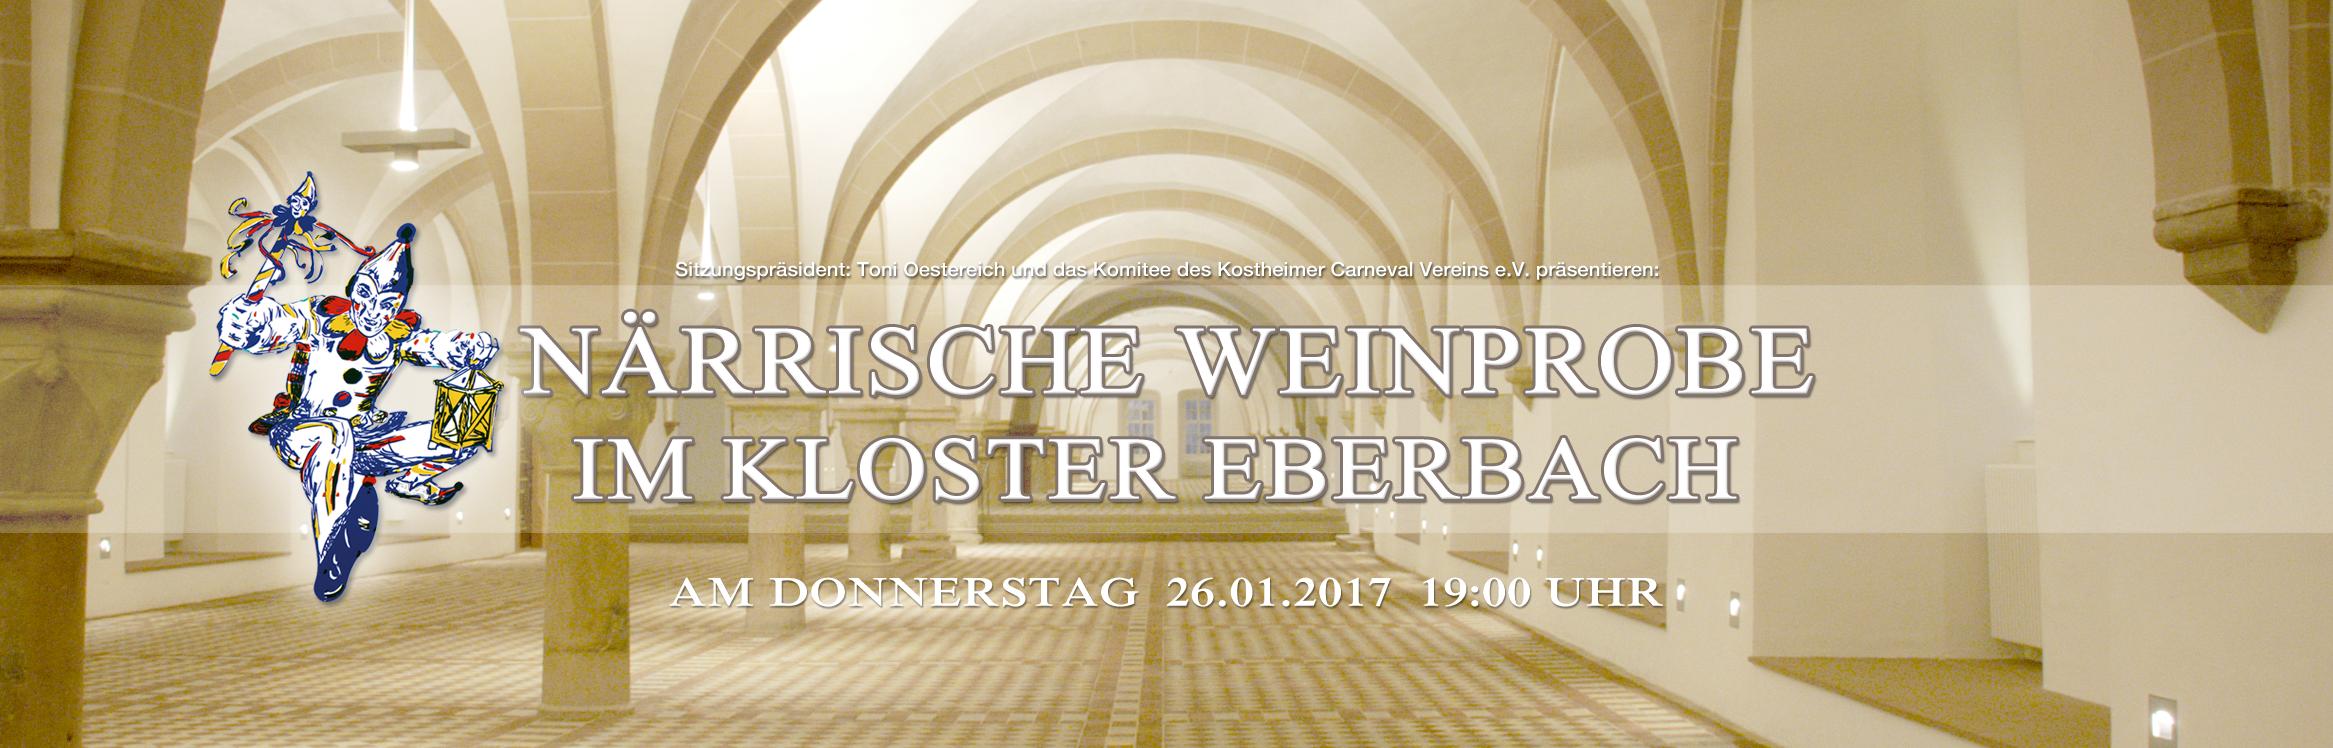 naerrische-weinprobe-kcv-kostheimer-carneval-verein-fastnacht-kloster-eberbach_2017_mainz-kostheim